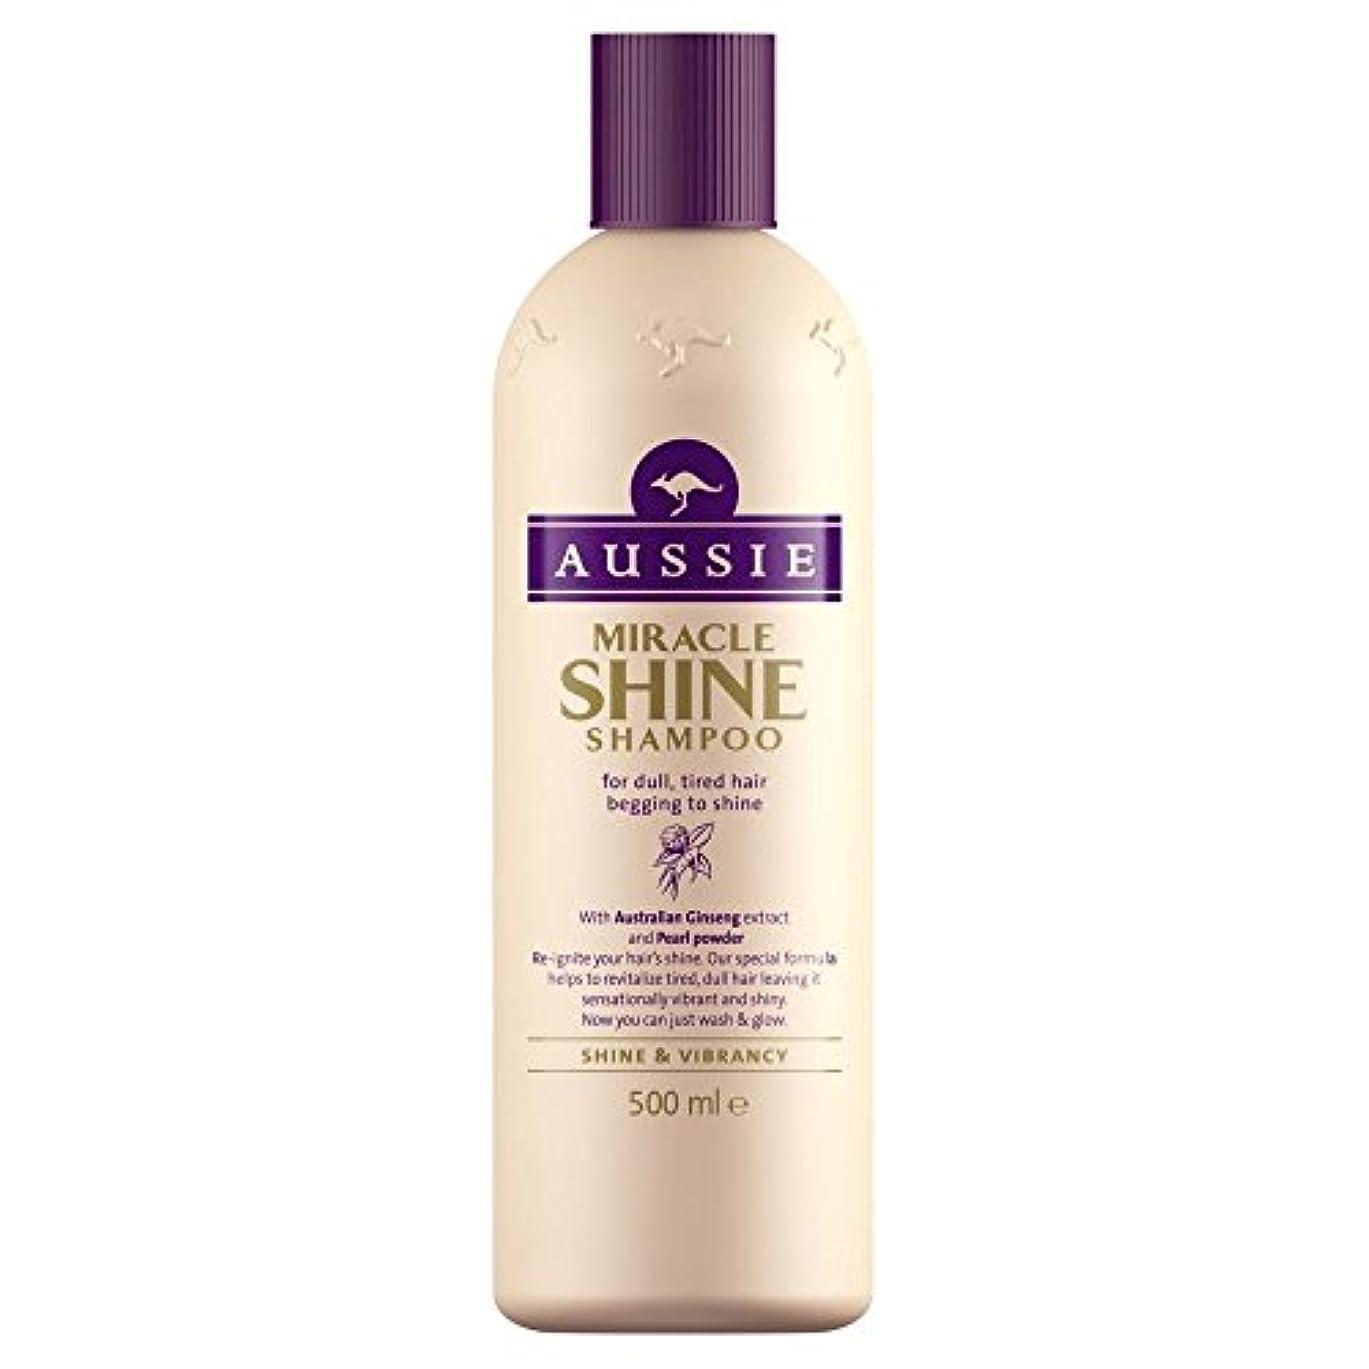 満足させるレキシコン戦士Aussie Miracle Shine Shampoo (500ml) オージー奇跡の輝きシャンプー( 500ミリリットル) [並行輸入品]